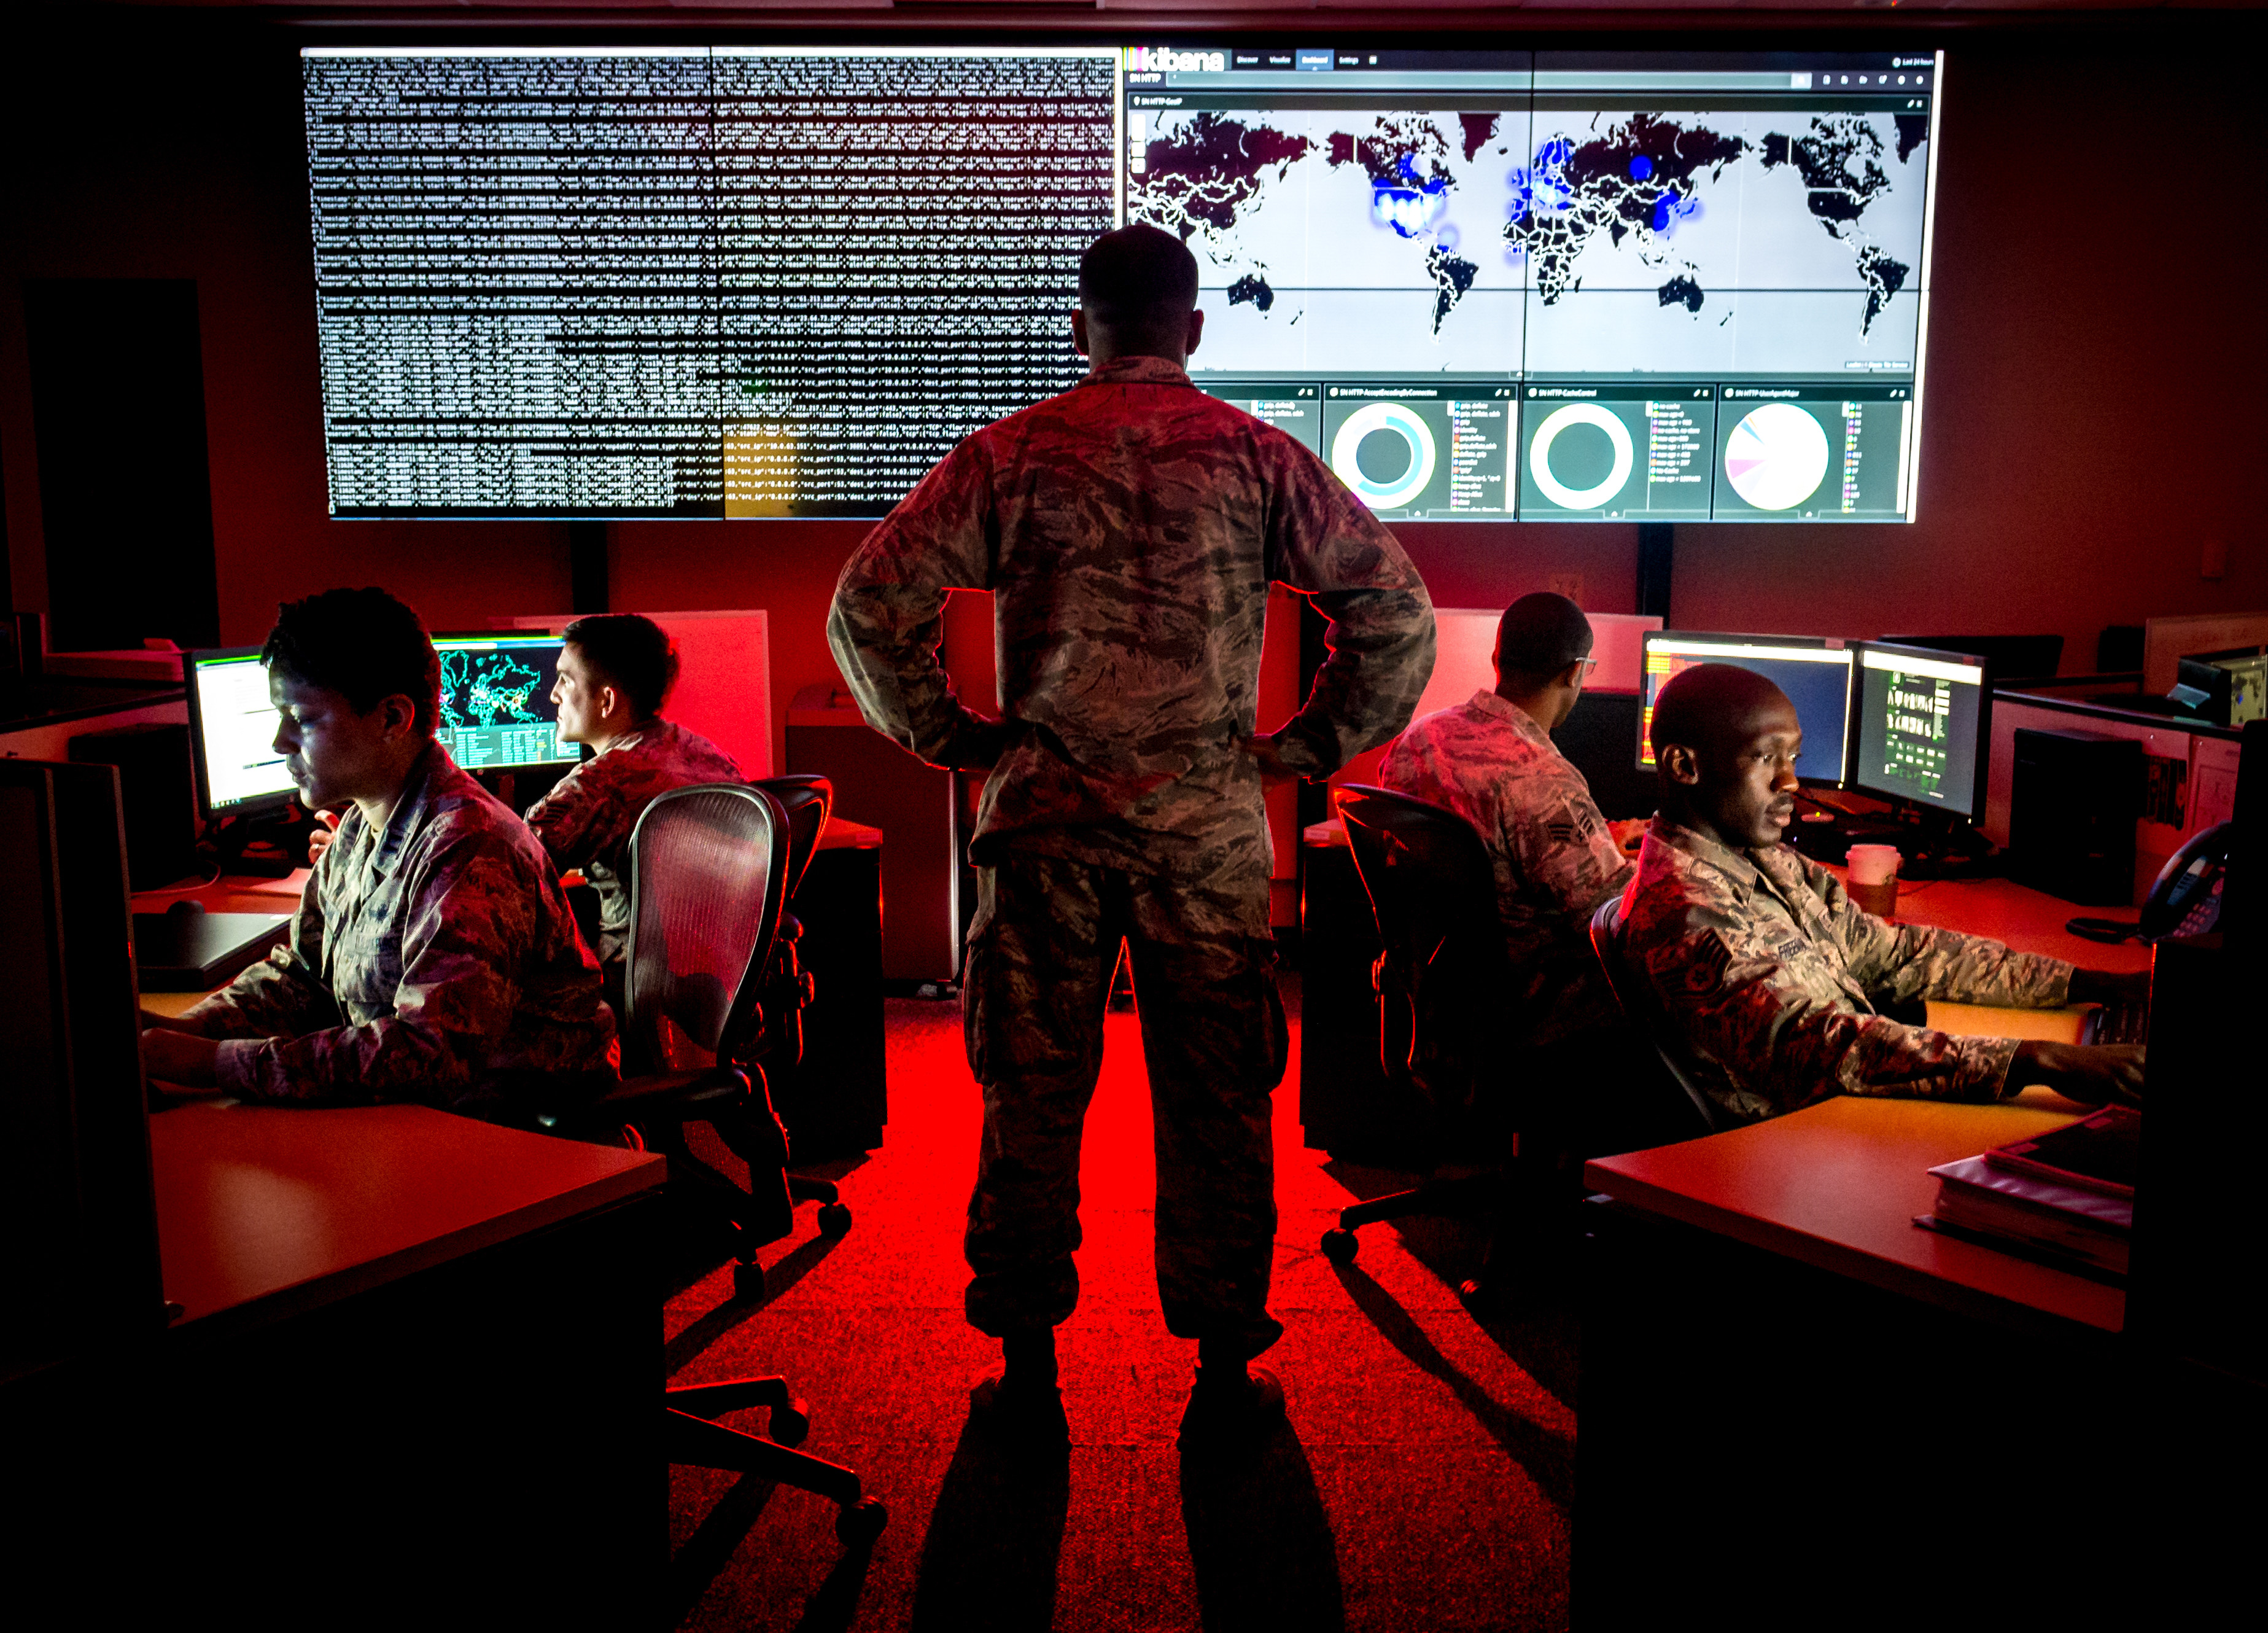 Американские СМИ сообщили о готовящихся в США кибератаках на Россию